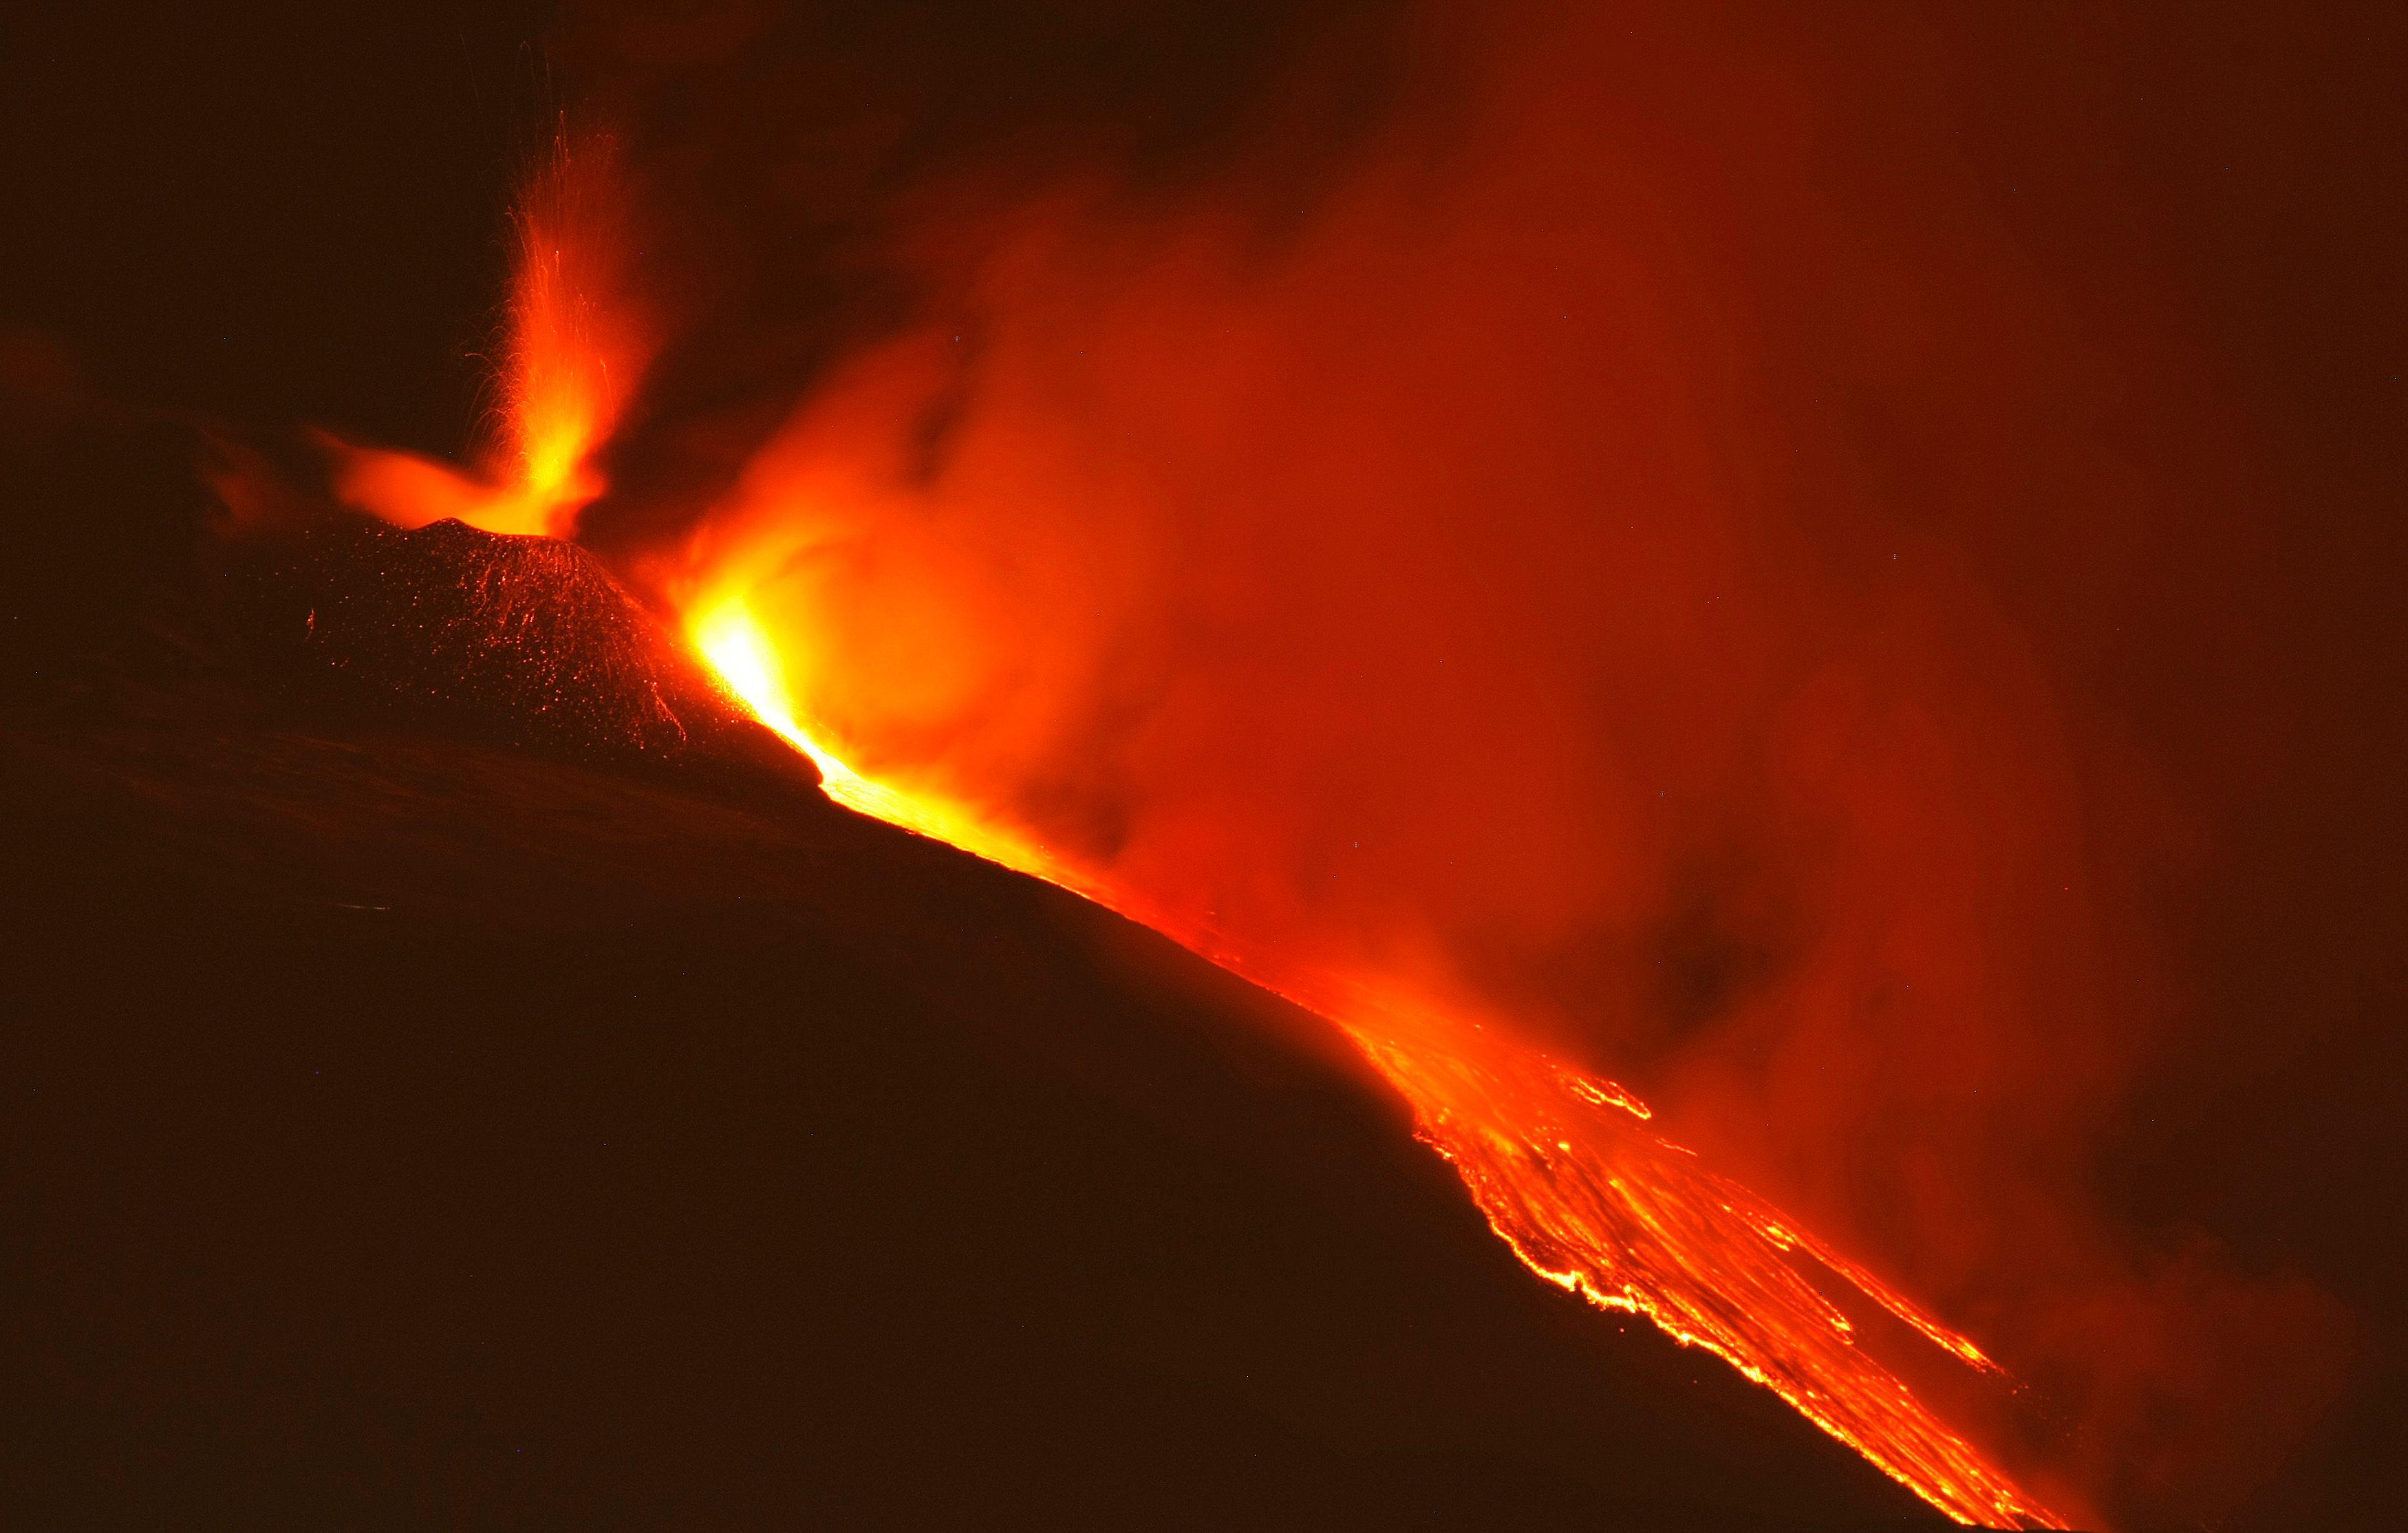 L'explosion d'un supervolcan pourrait faire chuter la température mondiale de 10°C pendant une décennie.